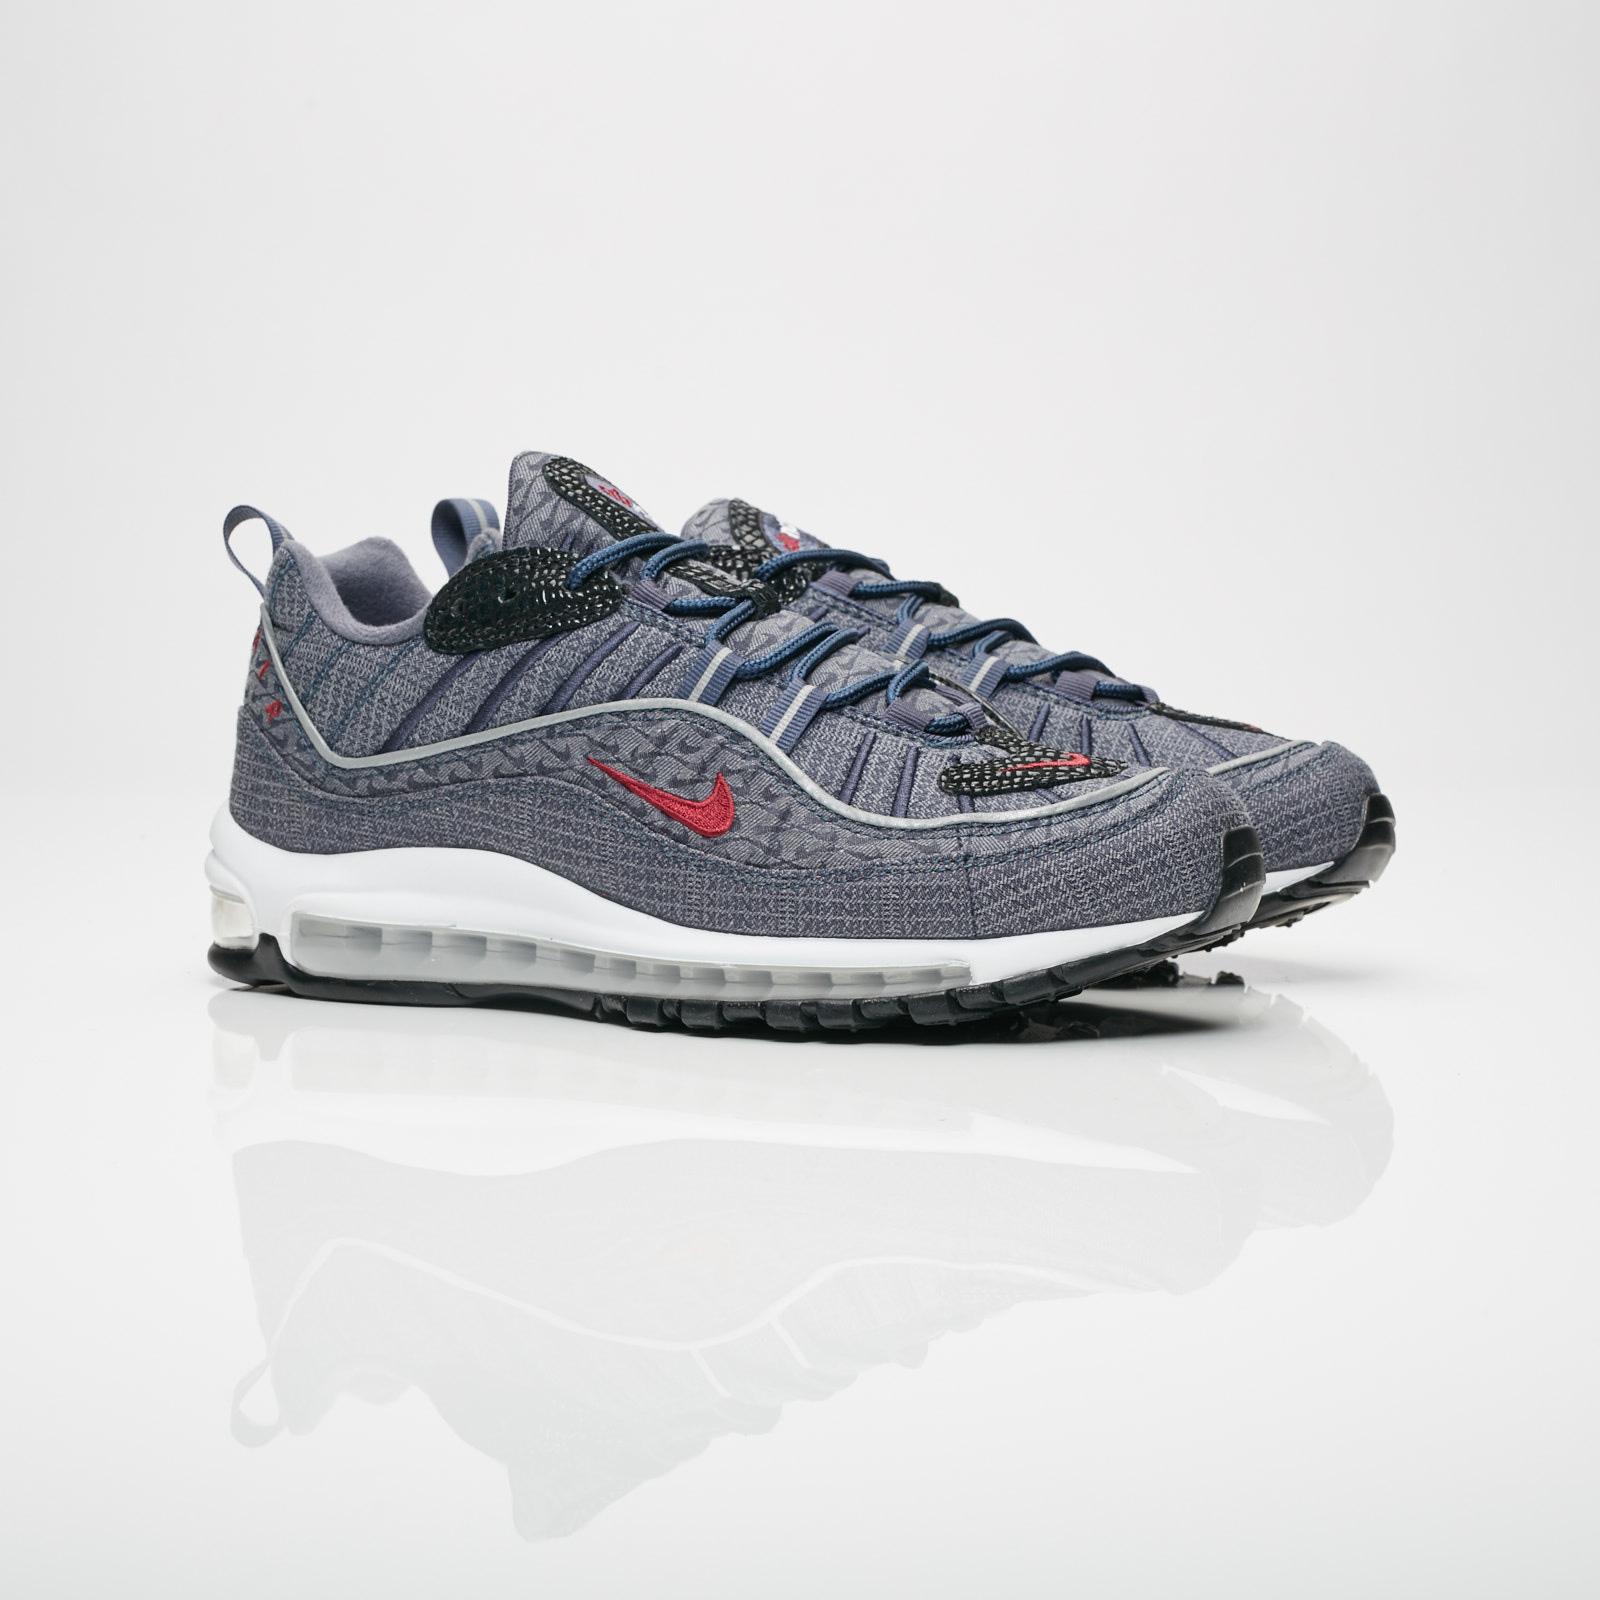 c39115e444d9 Nike Air Max 98 QS - 924462-400 - Sneakersnstuff